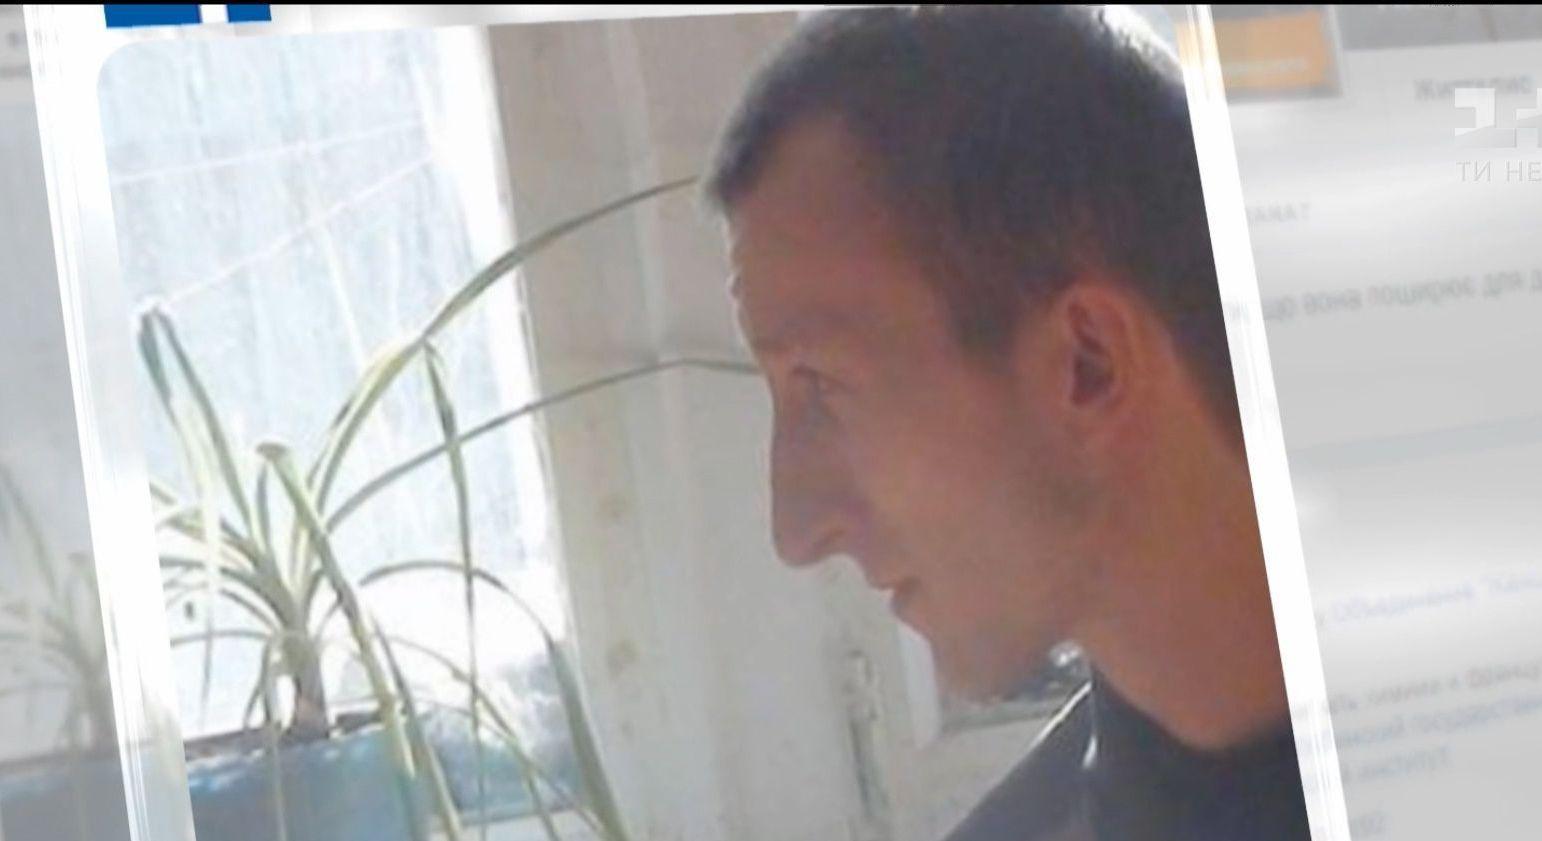 Кольченко поместили в штрафной изолятор за поход в библиотеку и столовою